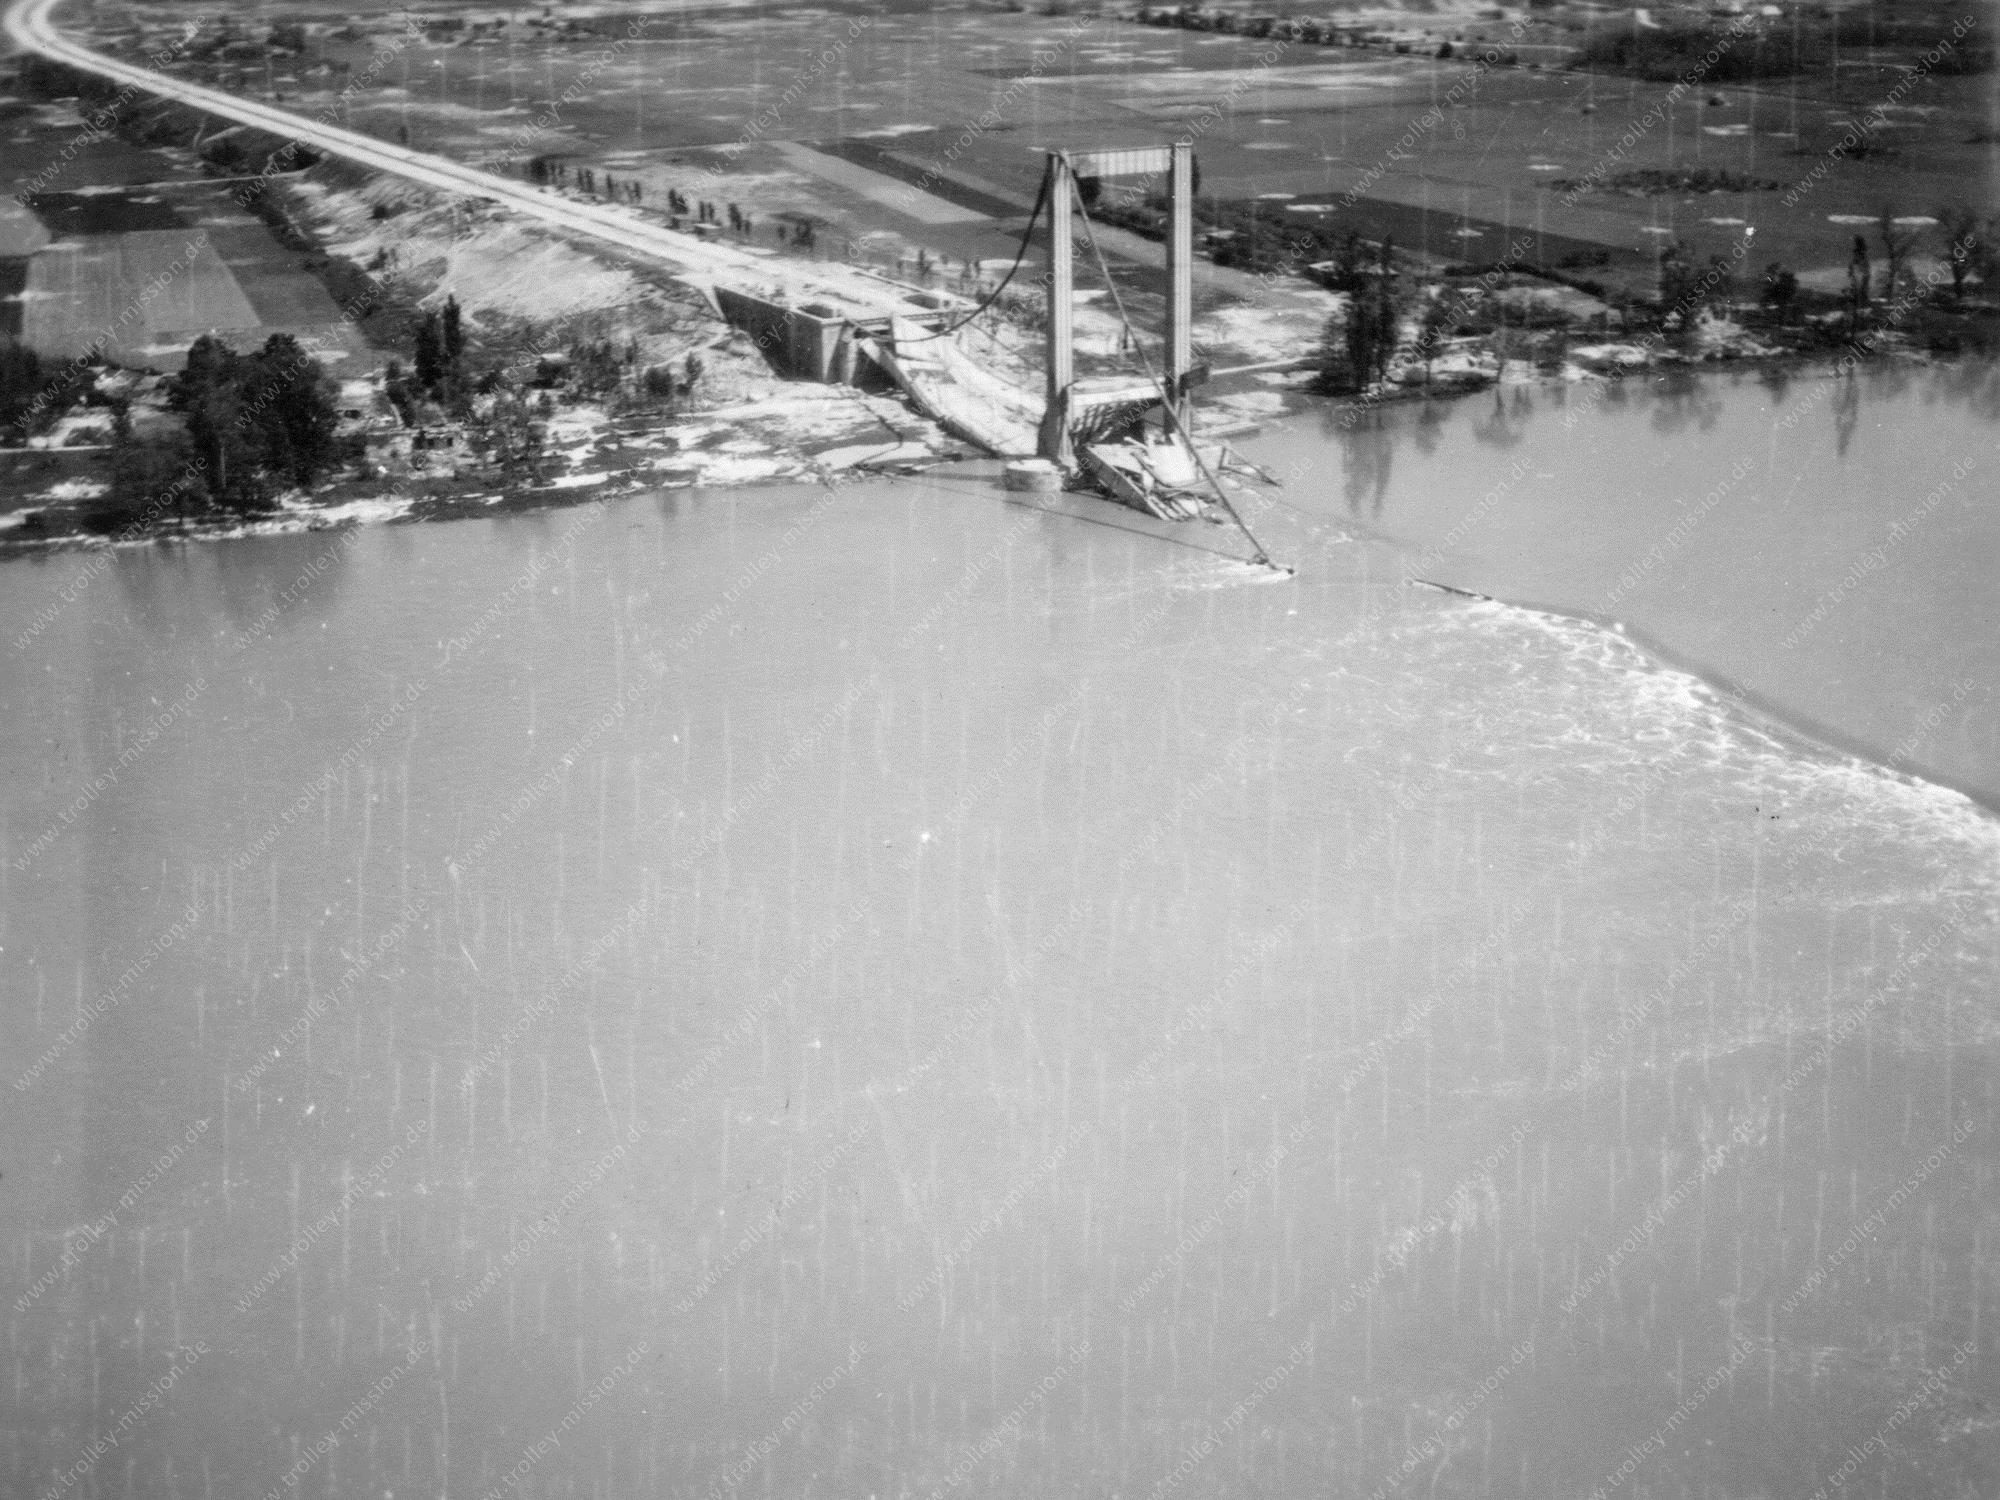 Autobahnbrücke in Köln-Rodenkirchen - Luftbild der Trolley Mission 1945